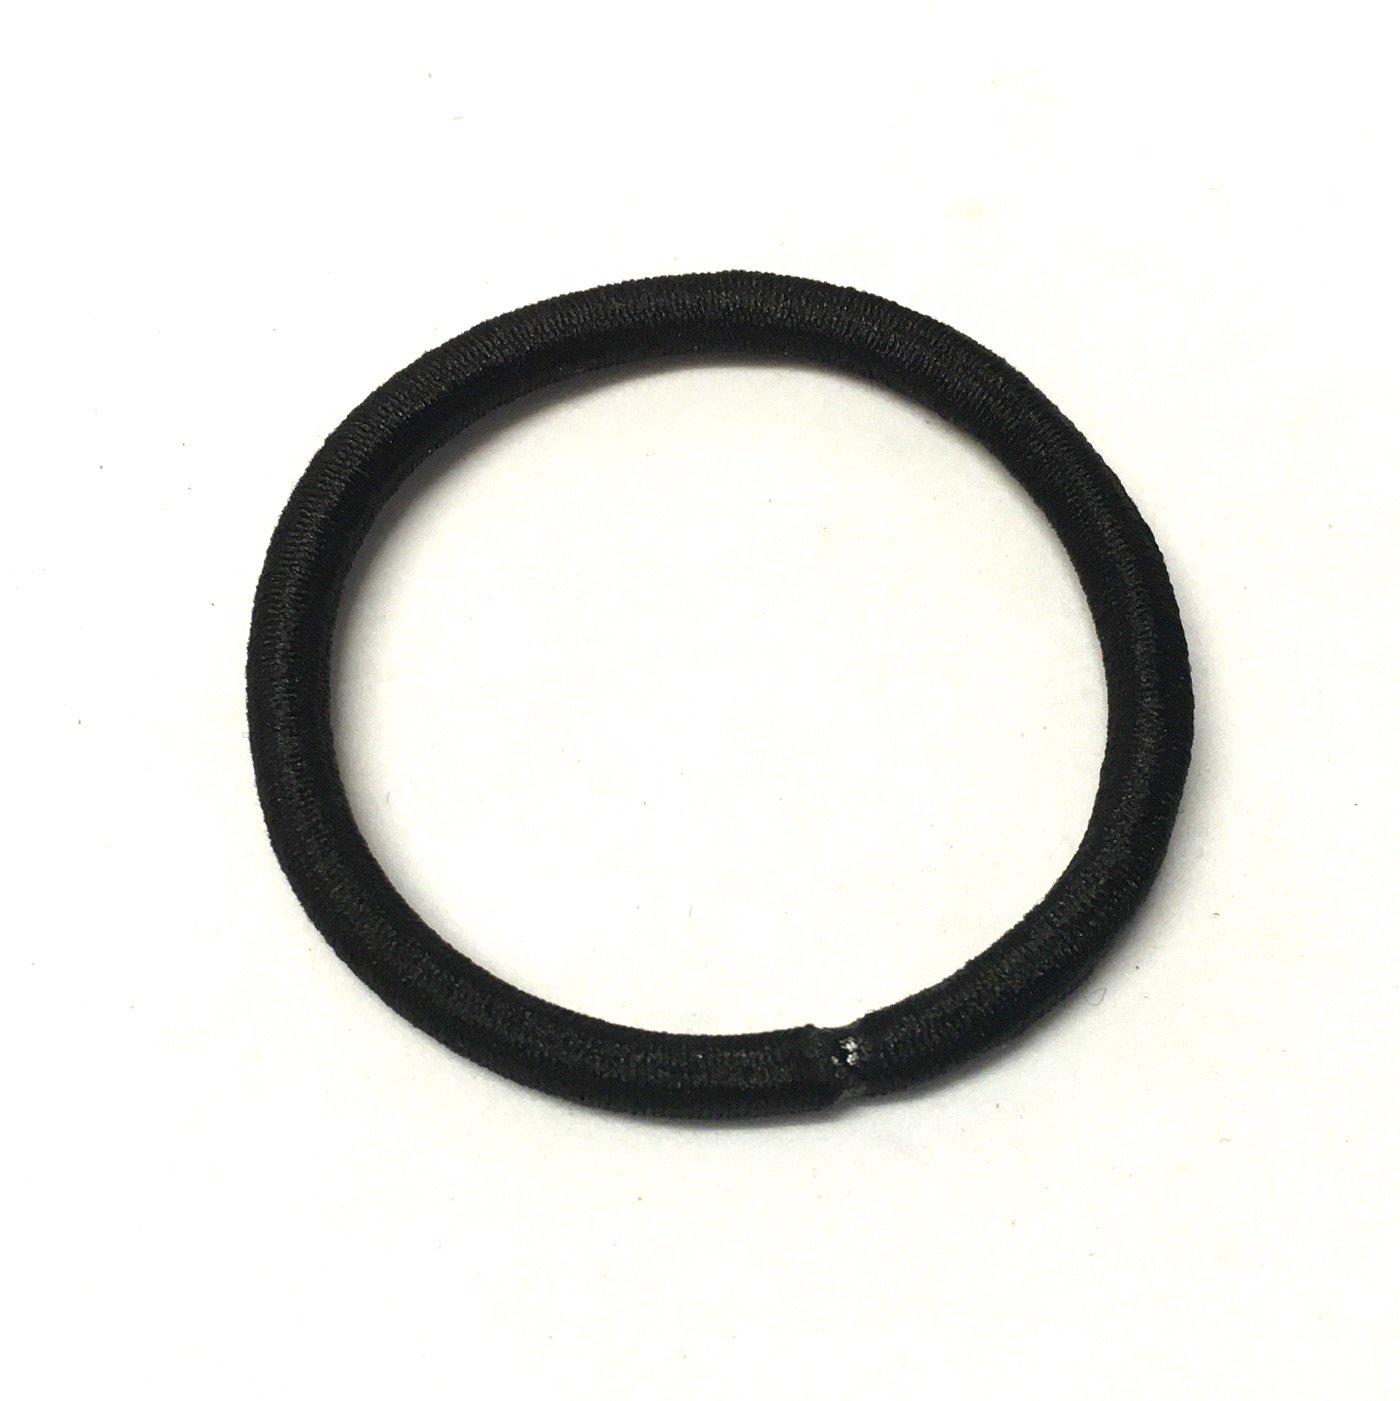 25/negro nailon el/ástica de pelo cintas para hacer accesorios para el pelo y lazos